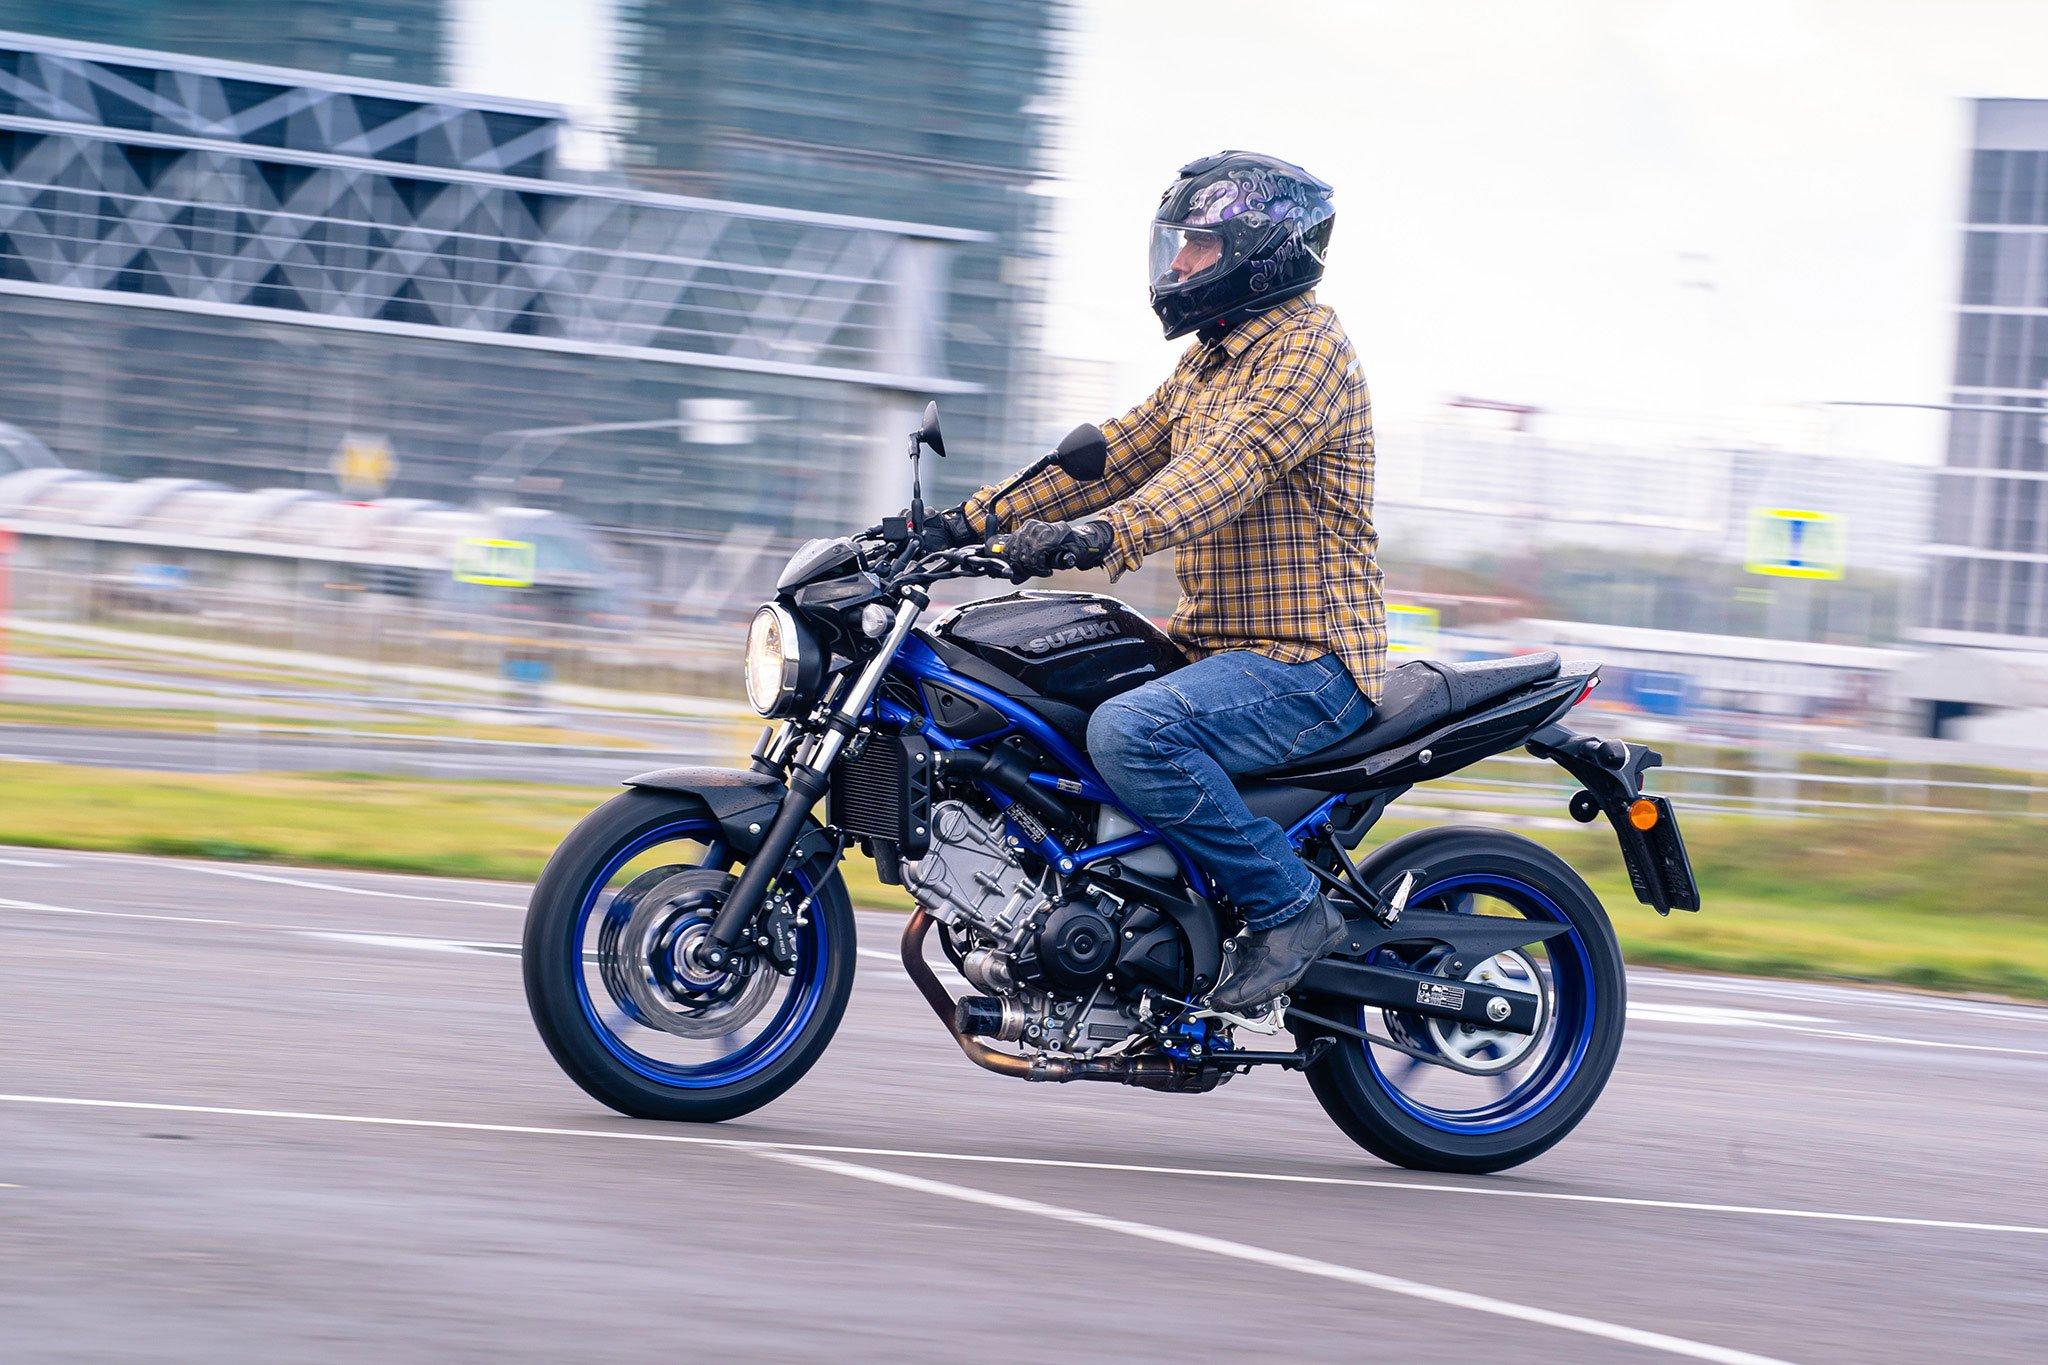 Suzuki SV650A: выглядит просто, стоит как автомобиль, но конкурентов почти нет